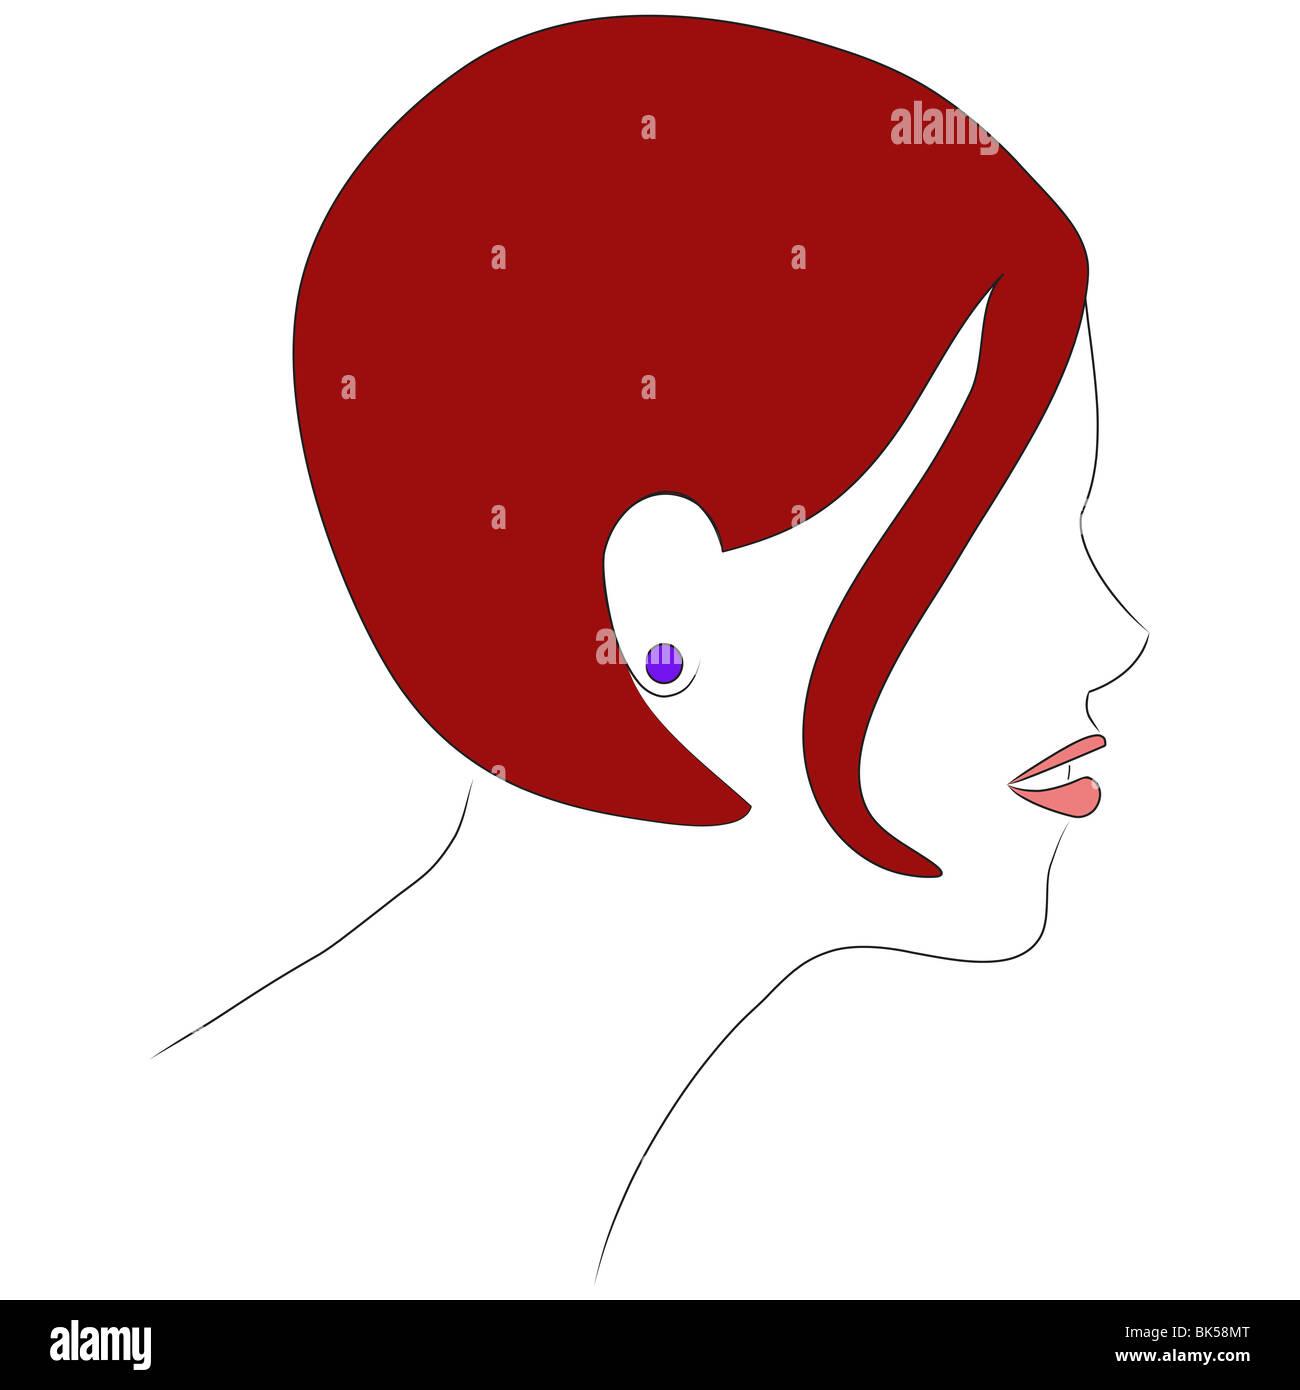 Un profil illustration de une fille avec de courts cheveux roux. Il fait dans le style d'un magazine 1060s'illustration. Photo Stock